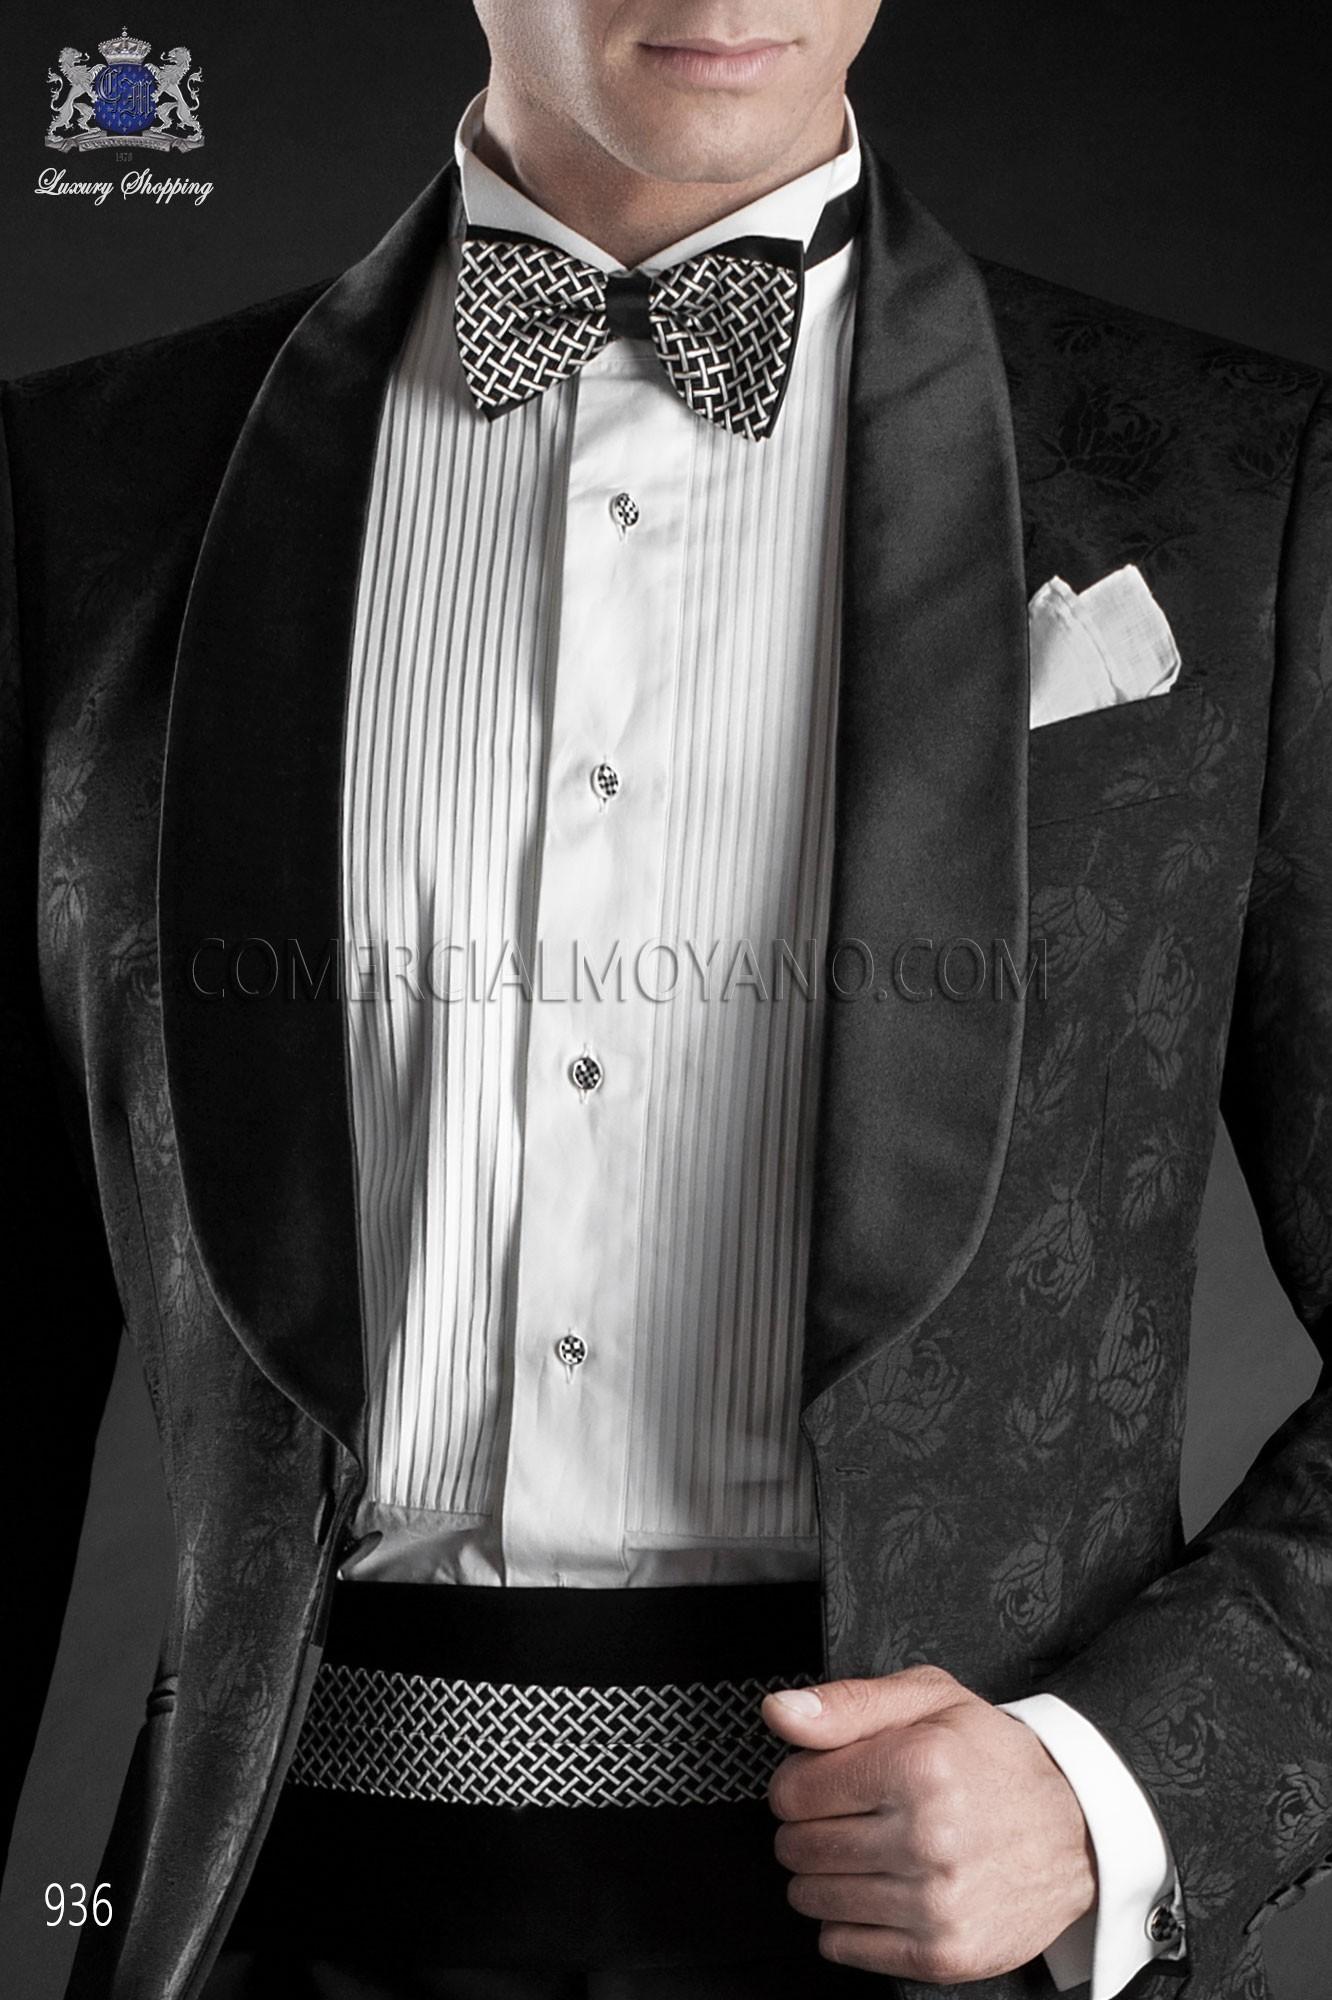 Traje BlackTie de novio negro modelo: 936 Ottavio Nuccio Gala colección Black Tie 2017